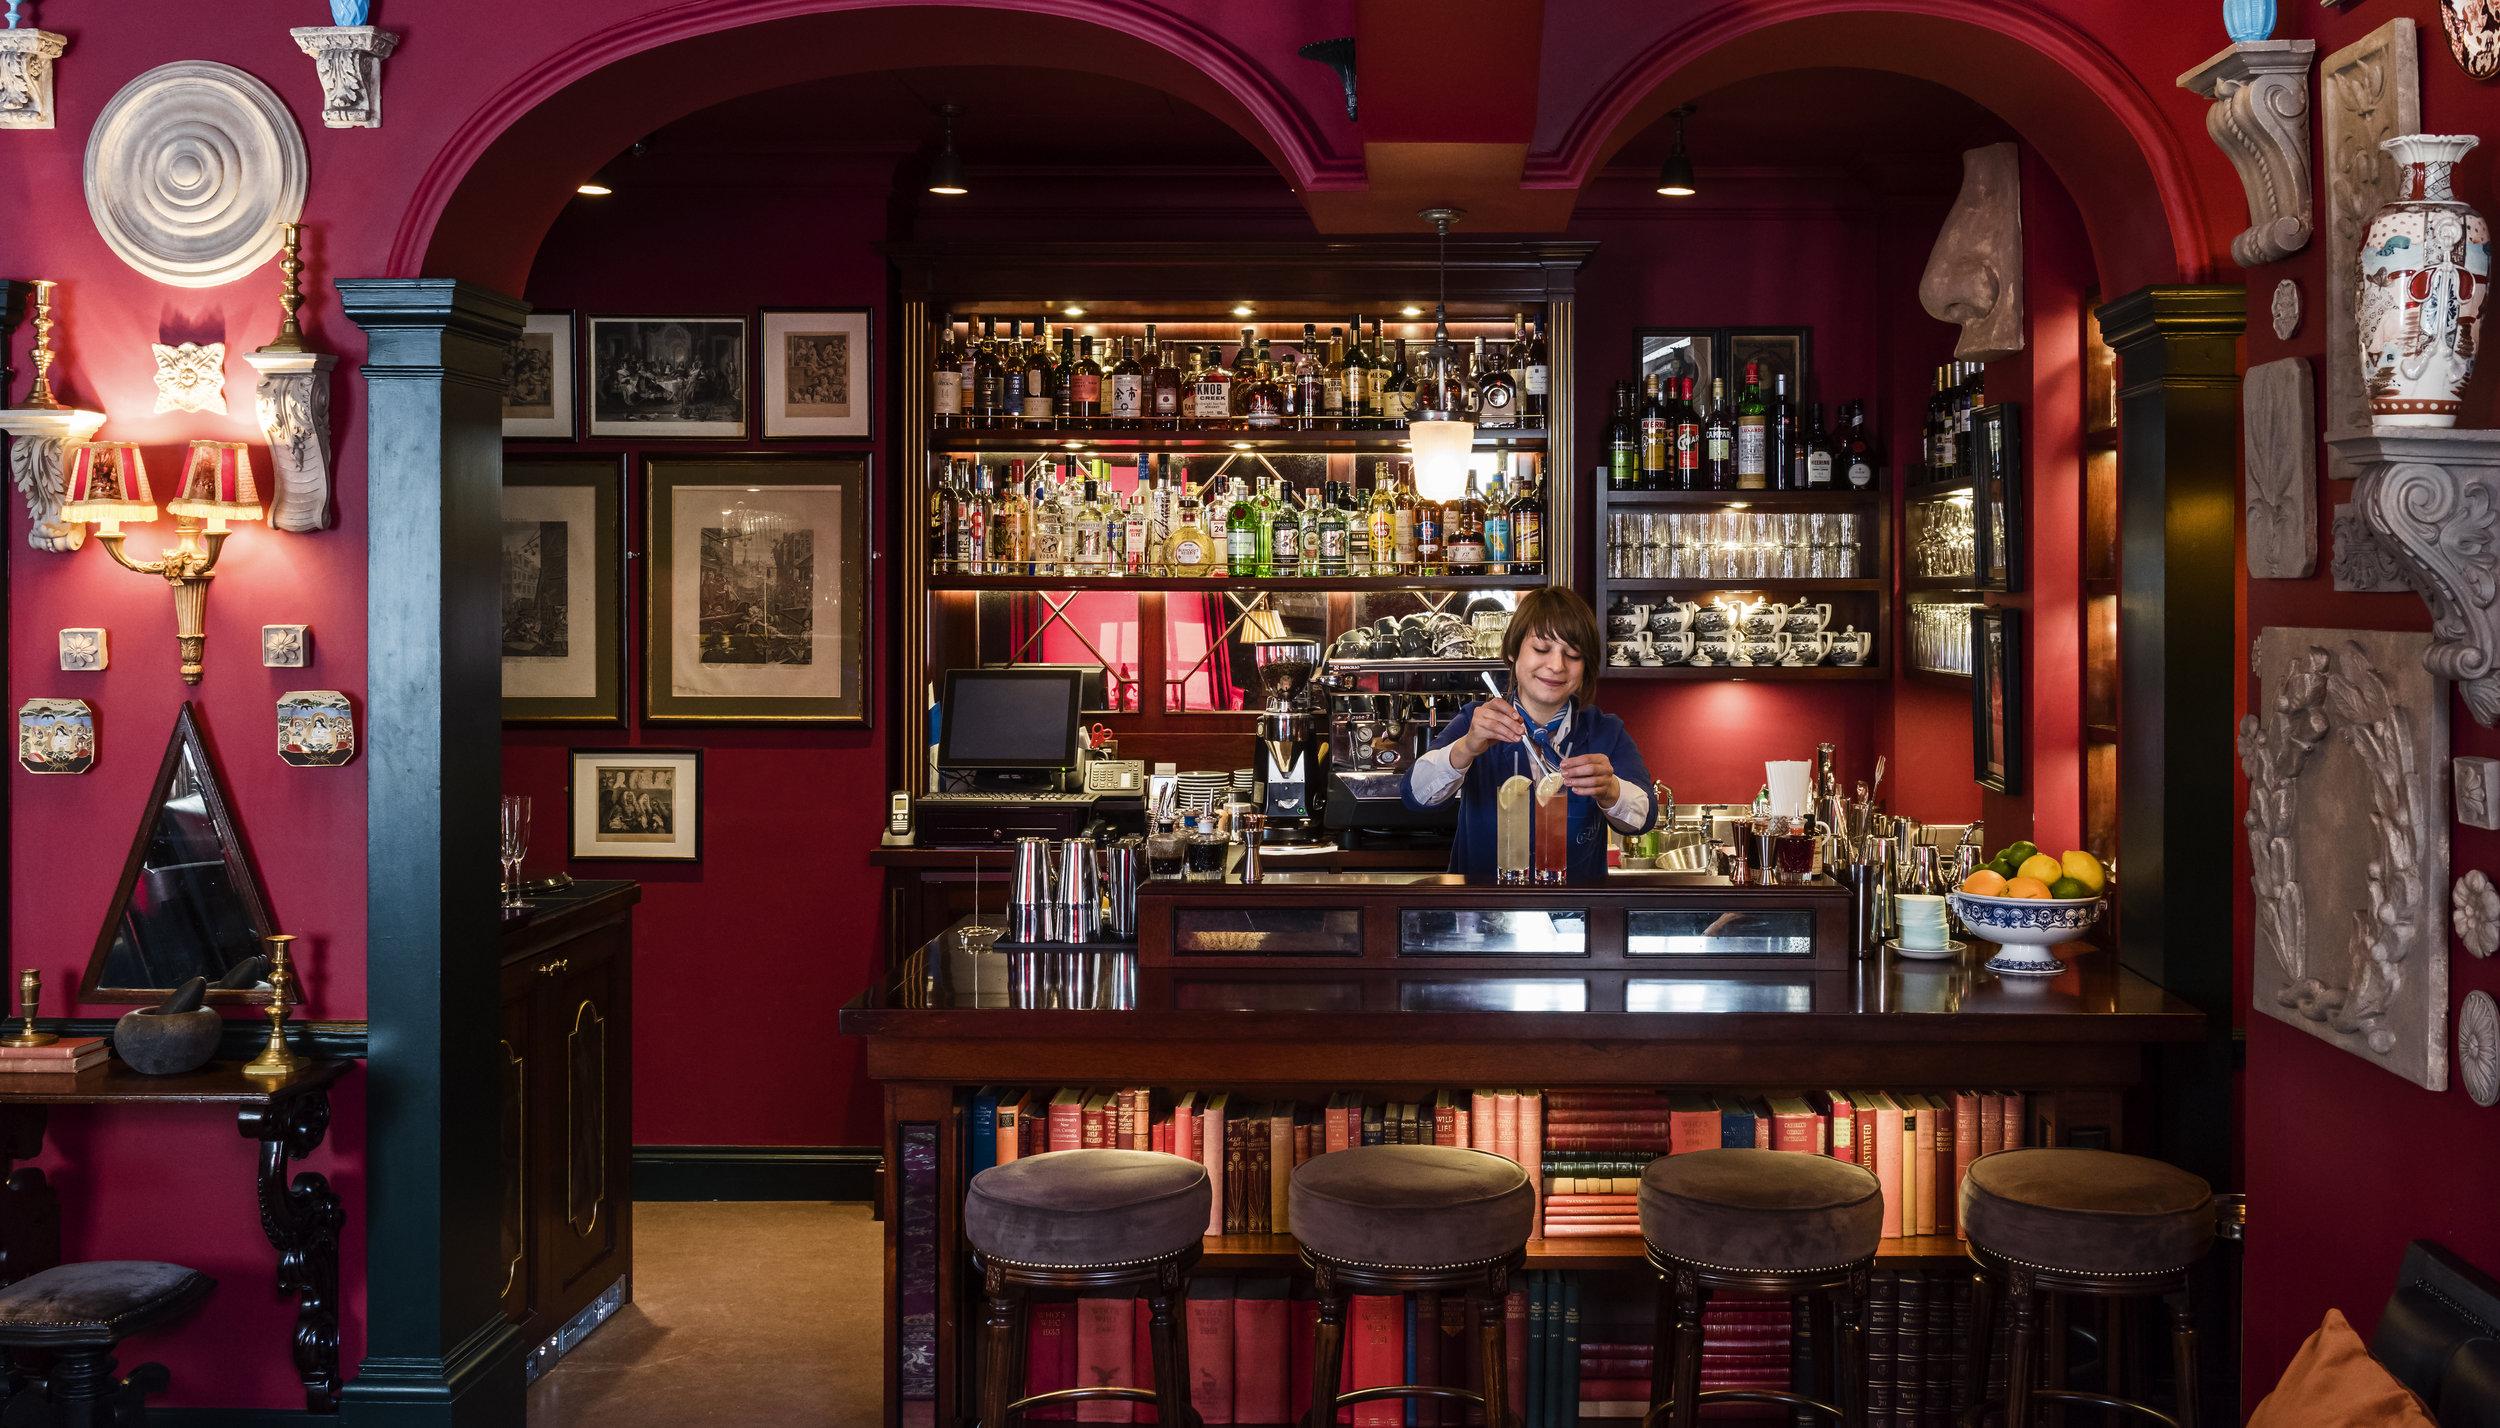 Bar Landscape - Andreas von Einsiedel resized.jpg